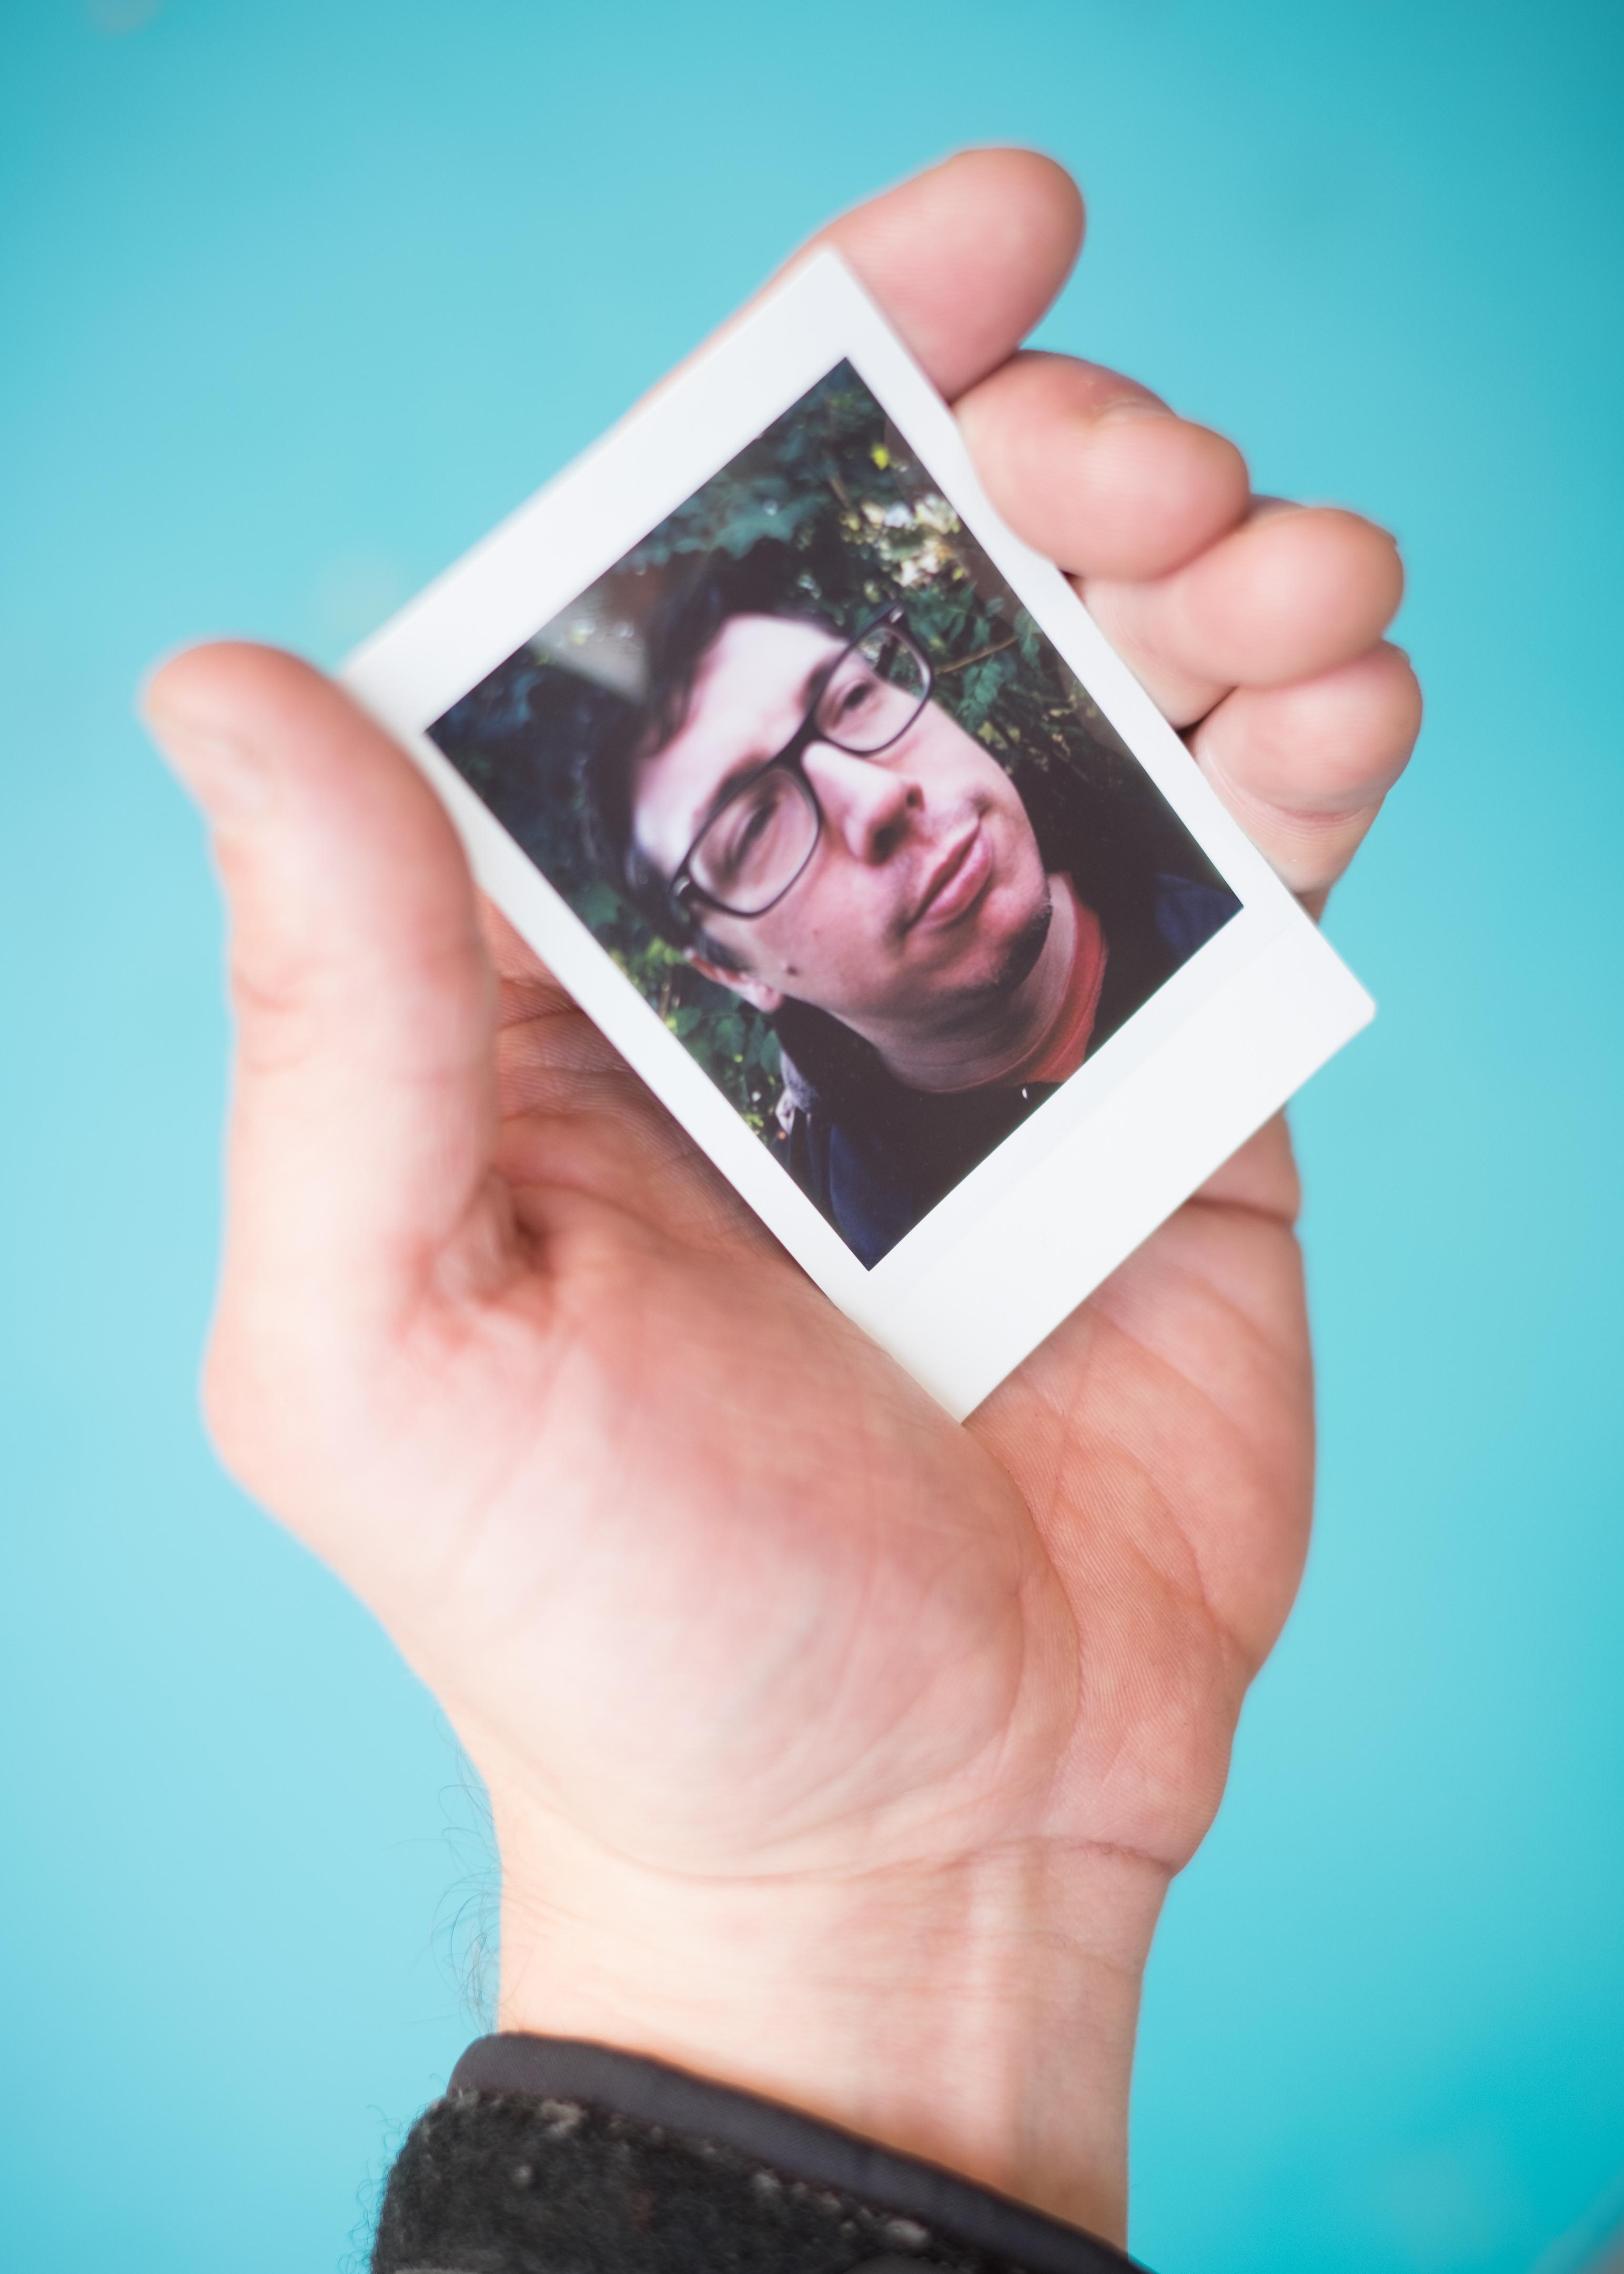 Olivier Bourget portrait dans la main-76